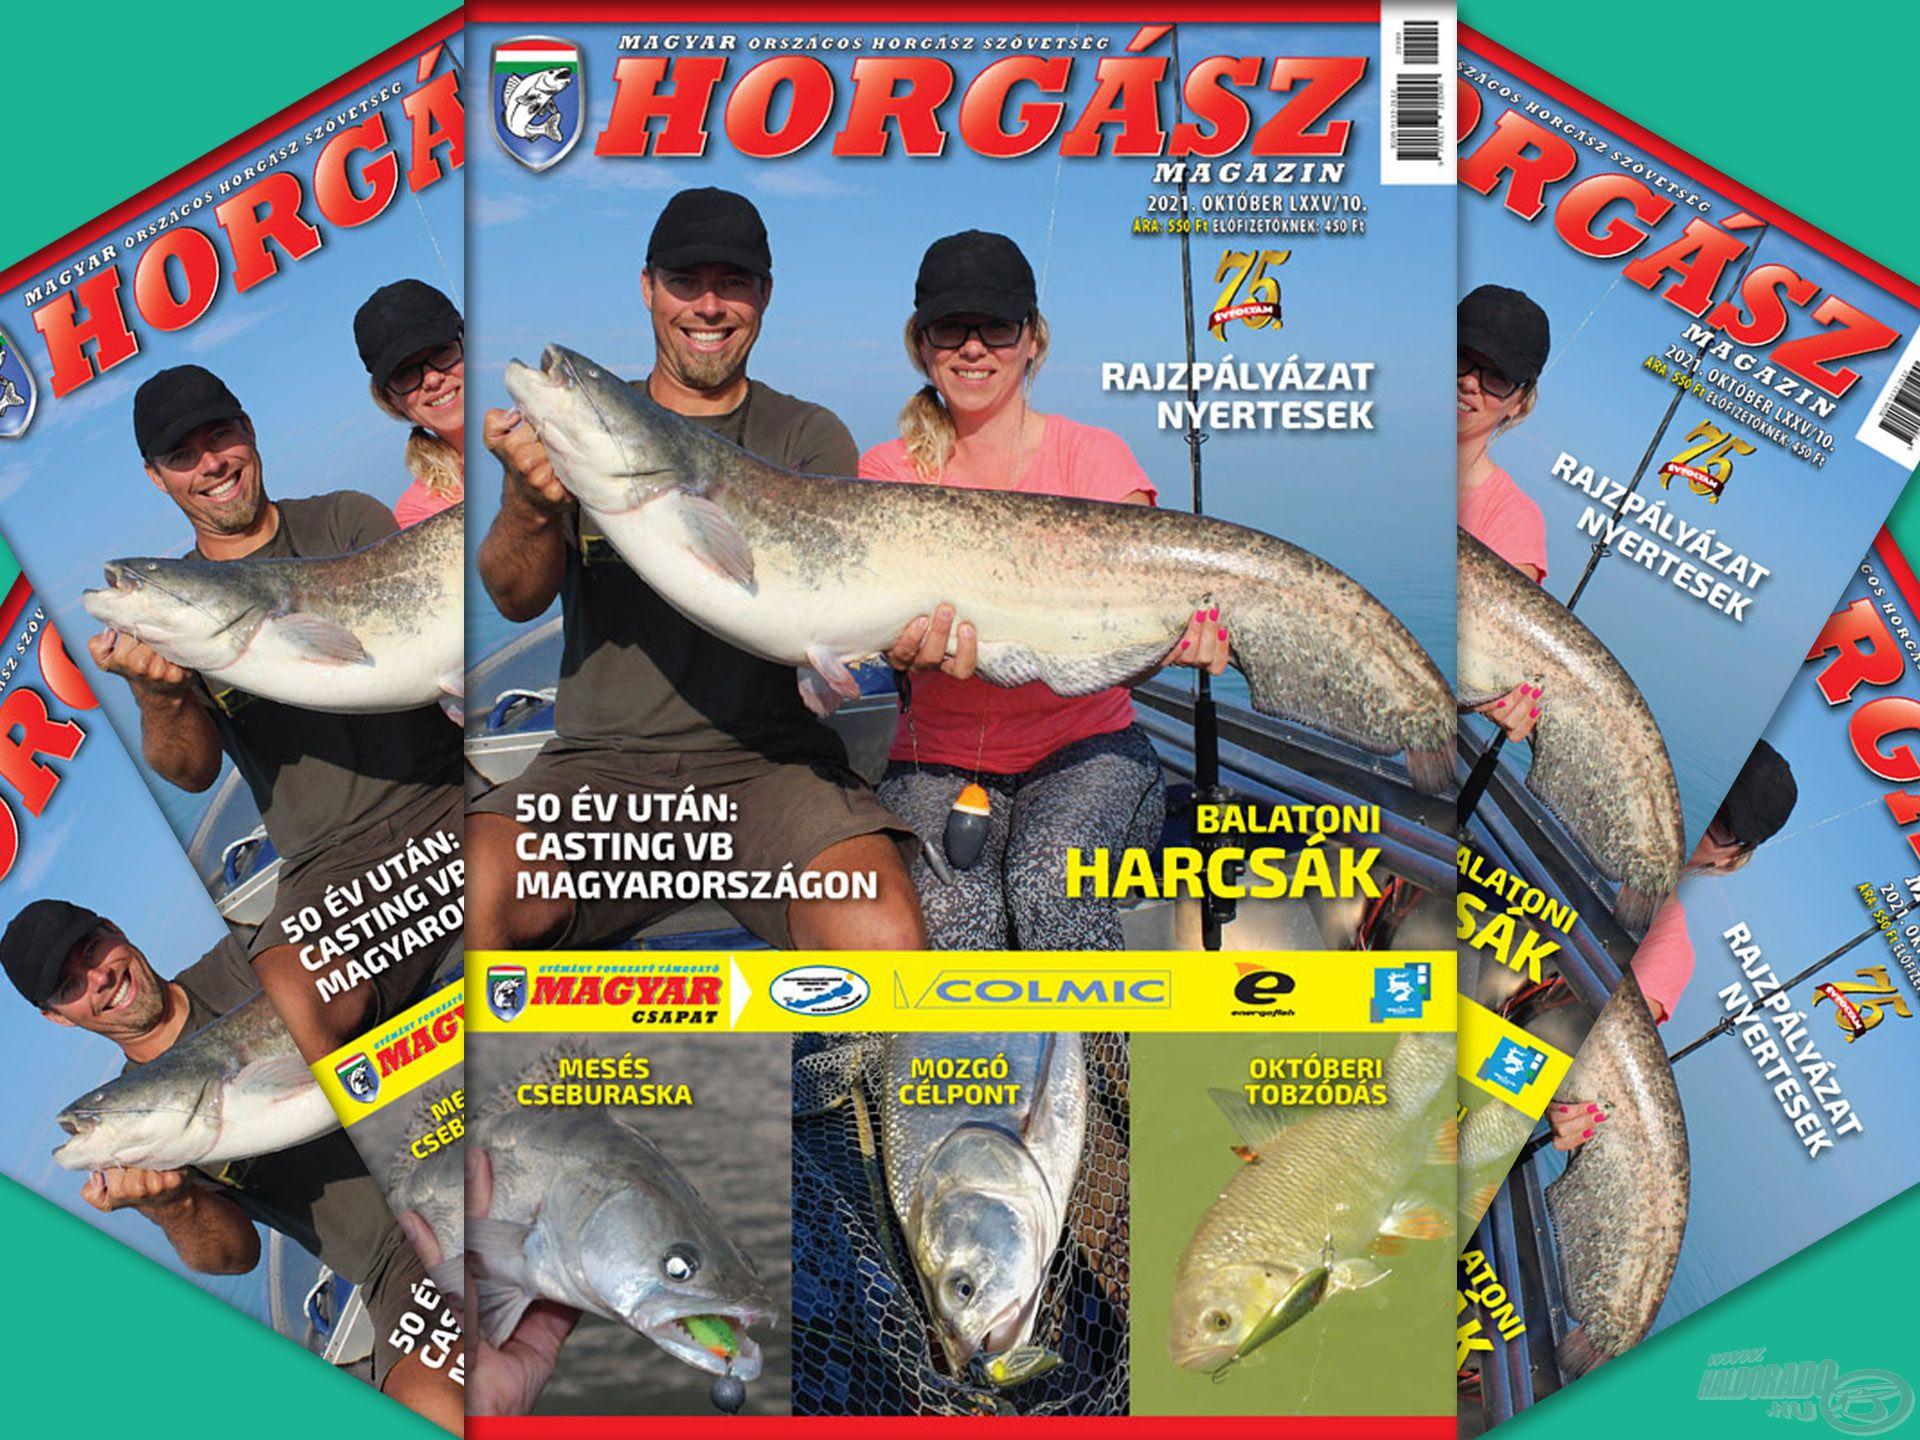 Megjelent a Magyar Horgász 2021. októberi száma